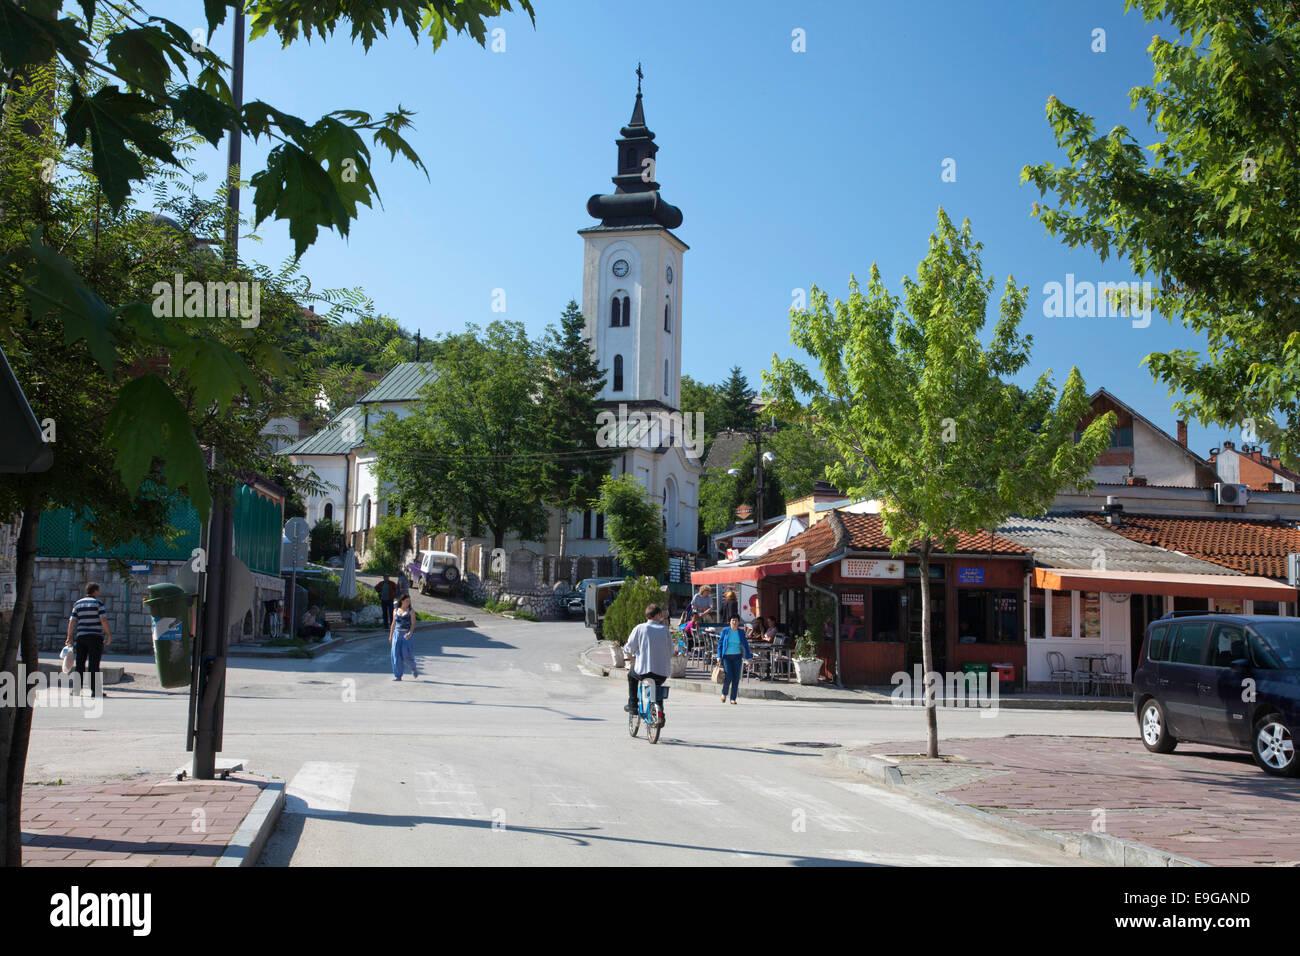 Cruce de caminos y calles del centro de la ciudad y la iglesia serbia Donji  Milanovac c9f541ad885c4